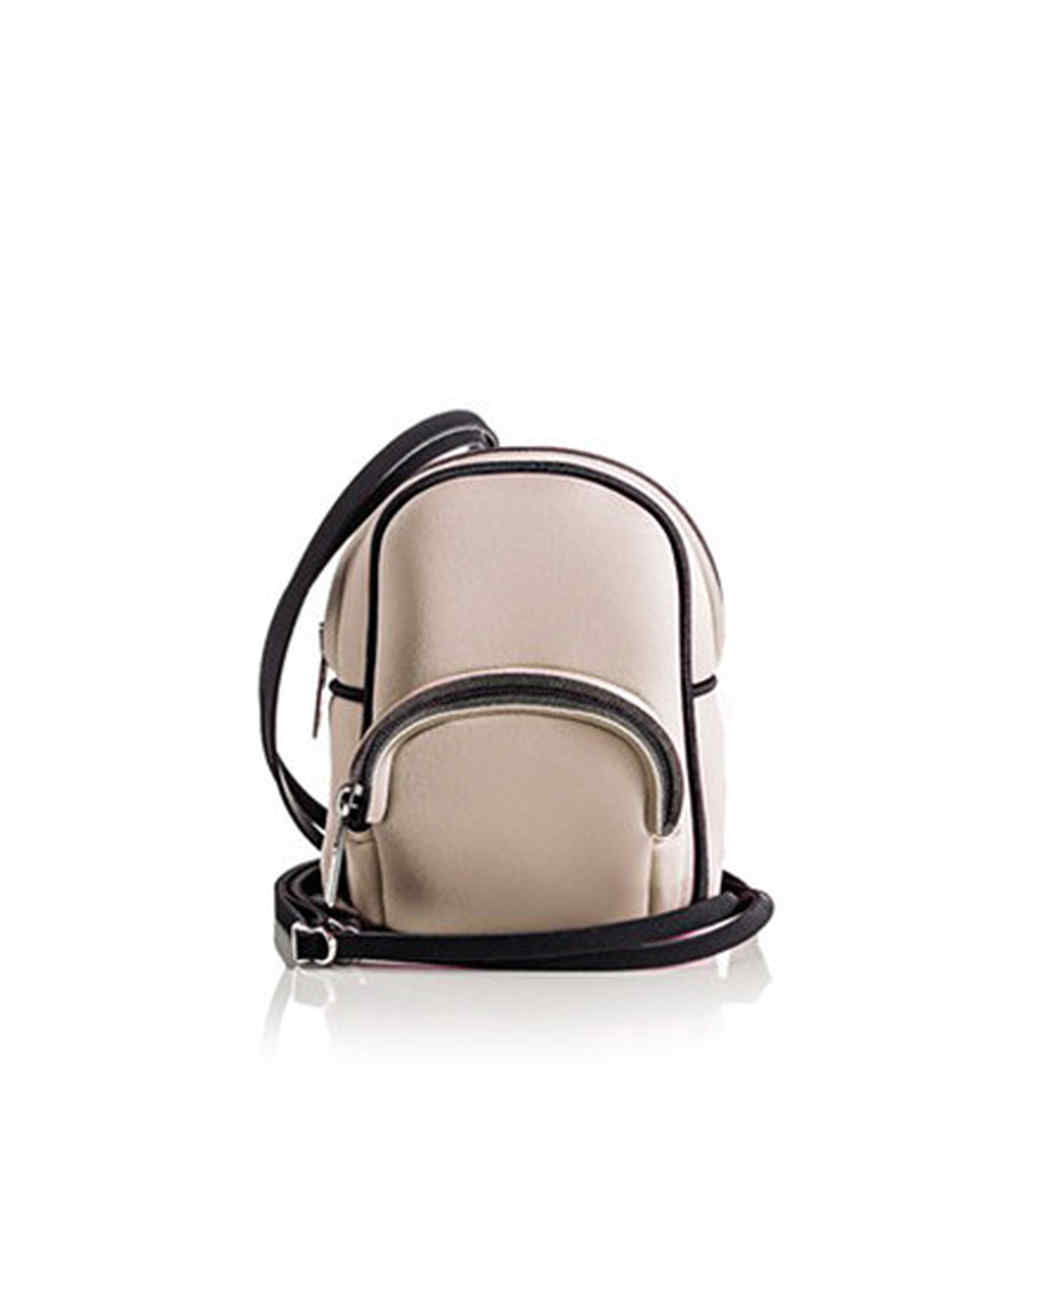 Save-My-Bag-Baby-Mini-Backpack-121916.jpg